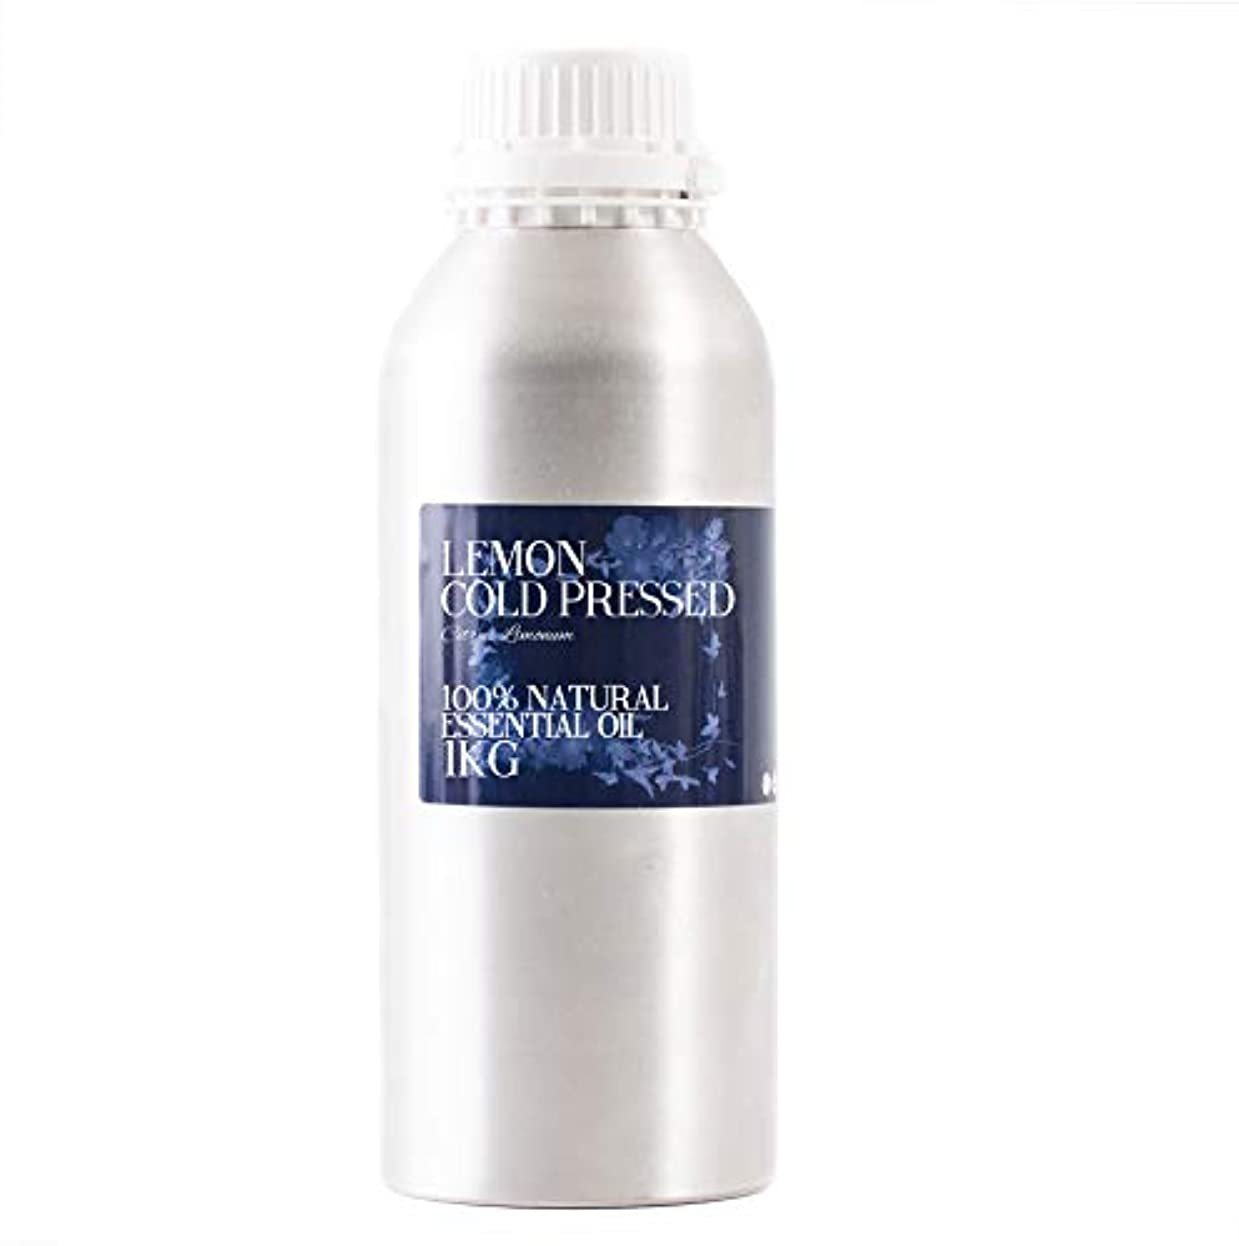 パントリー教え空いているMystic Moments | Lemon Cold Pressed Essential Oil - 1Kg - 100% Natural